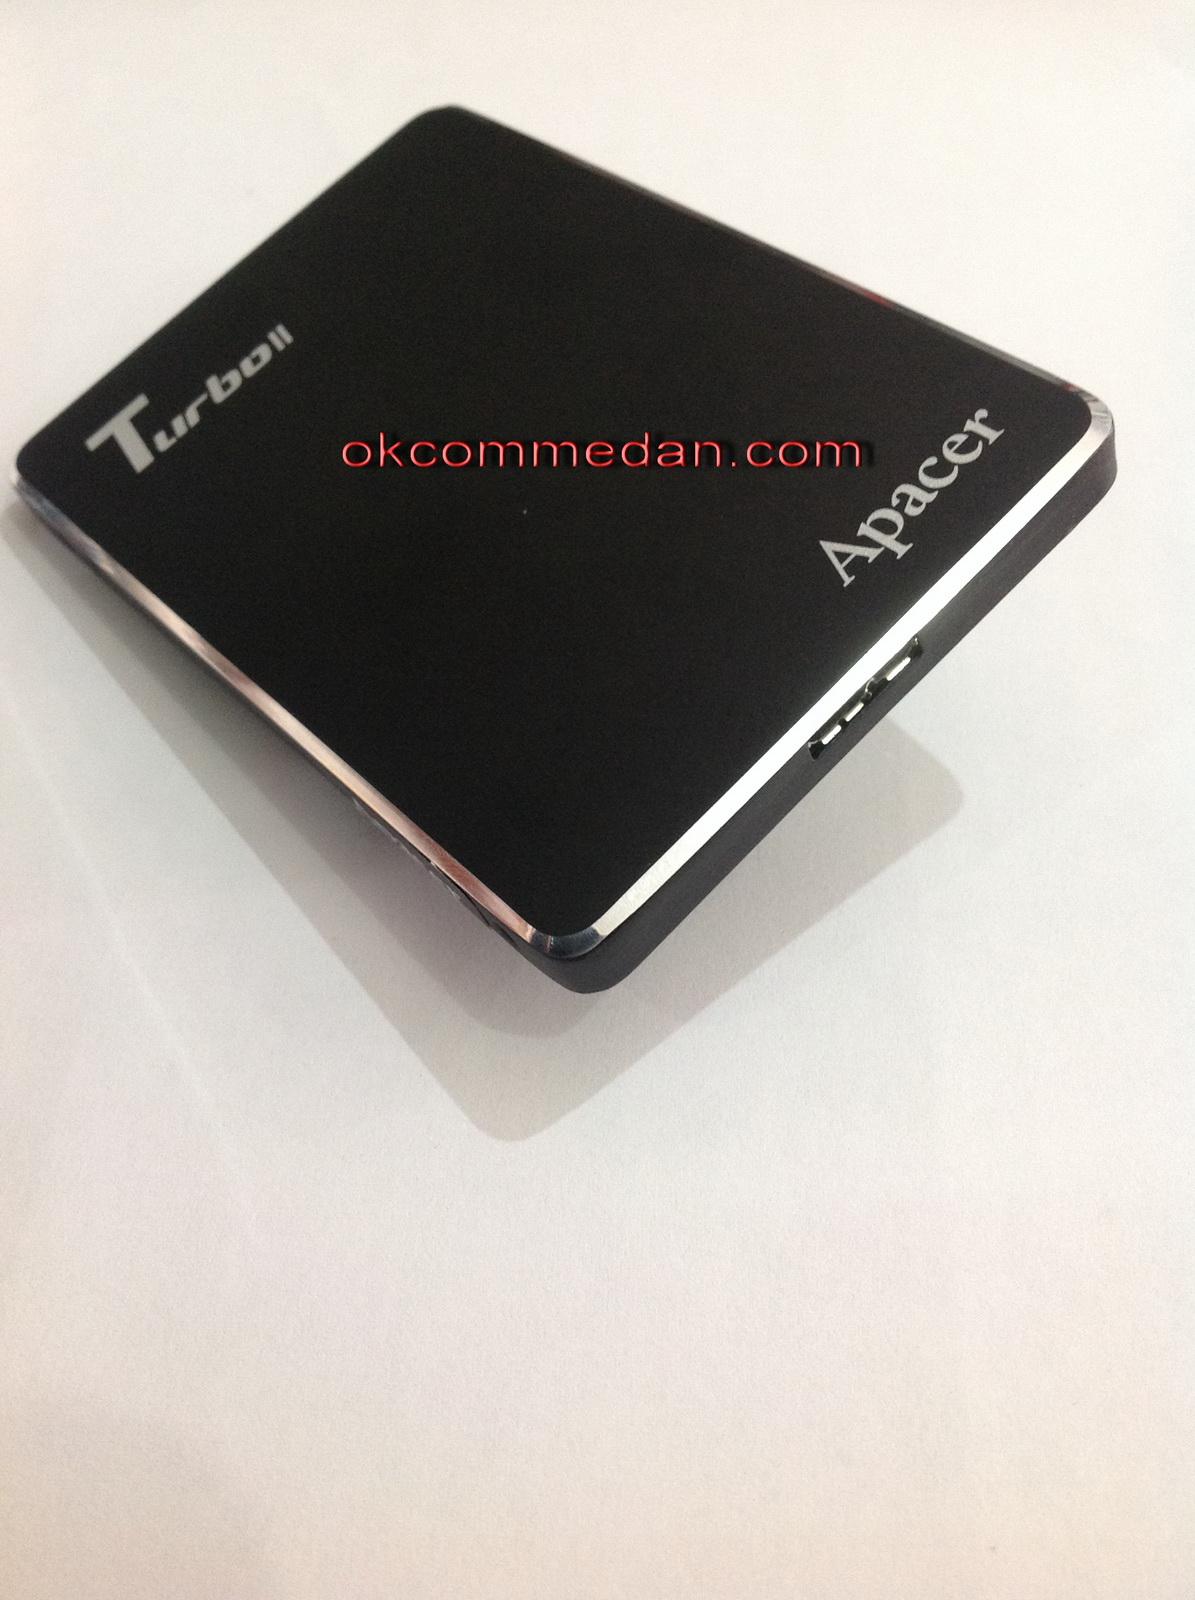 Harga SSD External  Apacer 128 gb